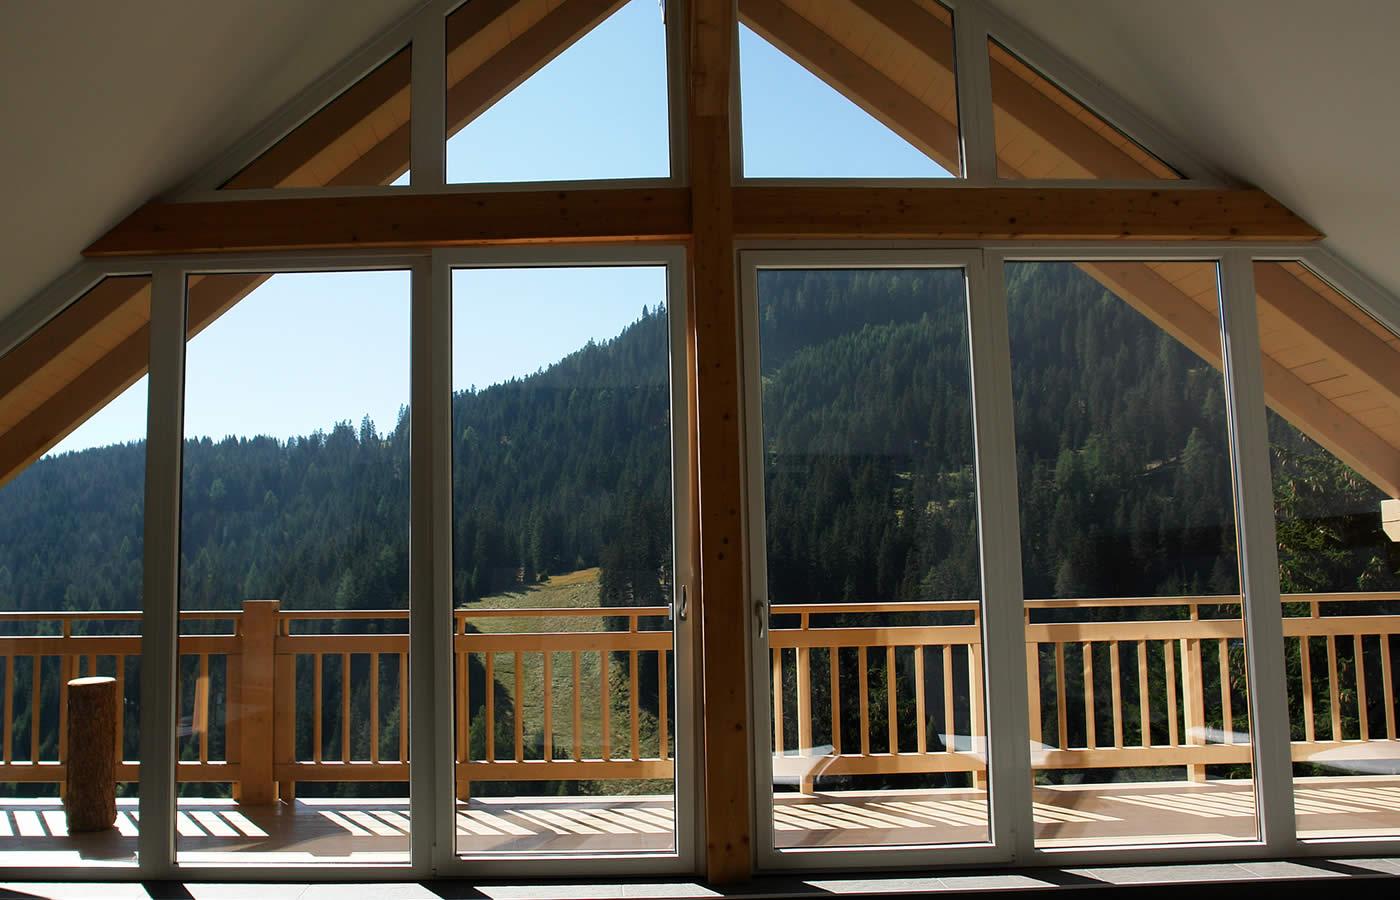 Ruheraum des Wellnessbereiches im Natürlich. Hotel in Serfaus-Fiss-Ladis in Tirol.